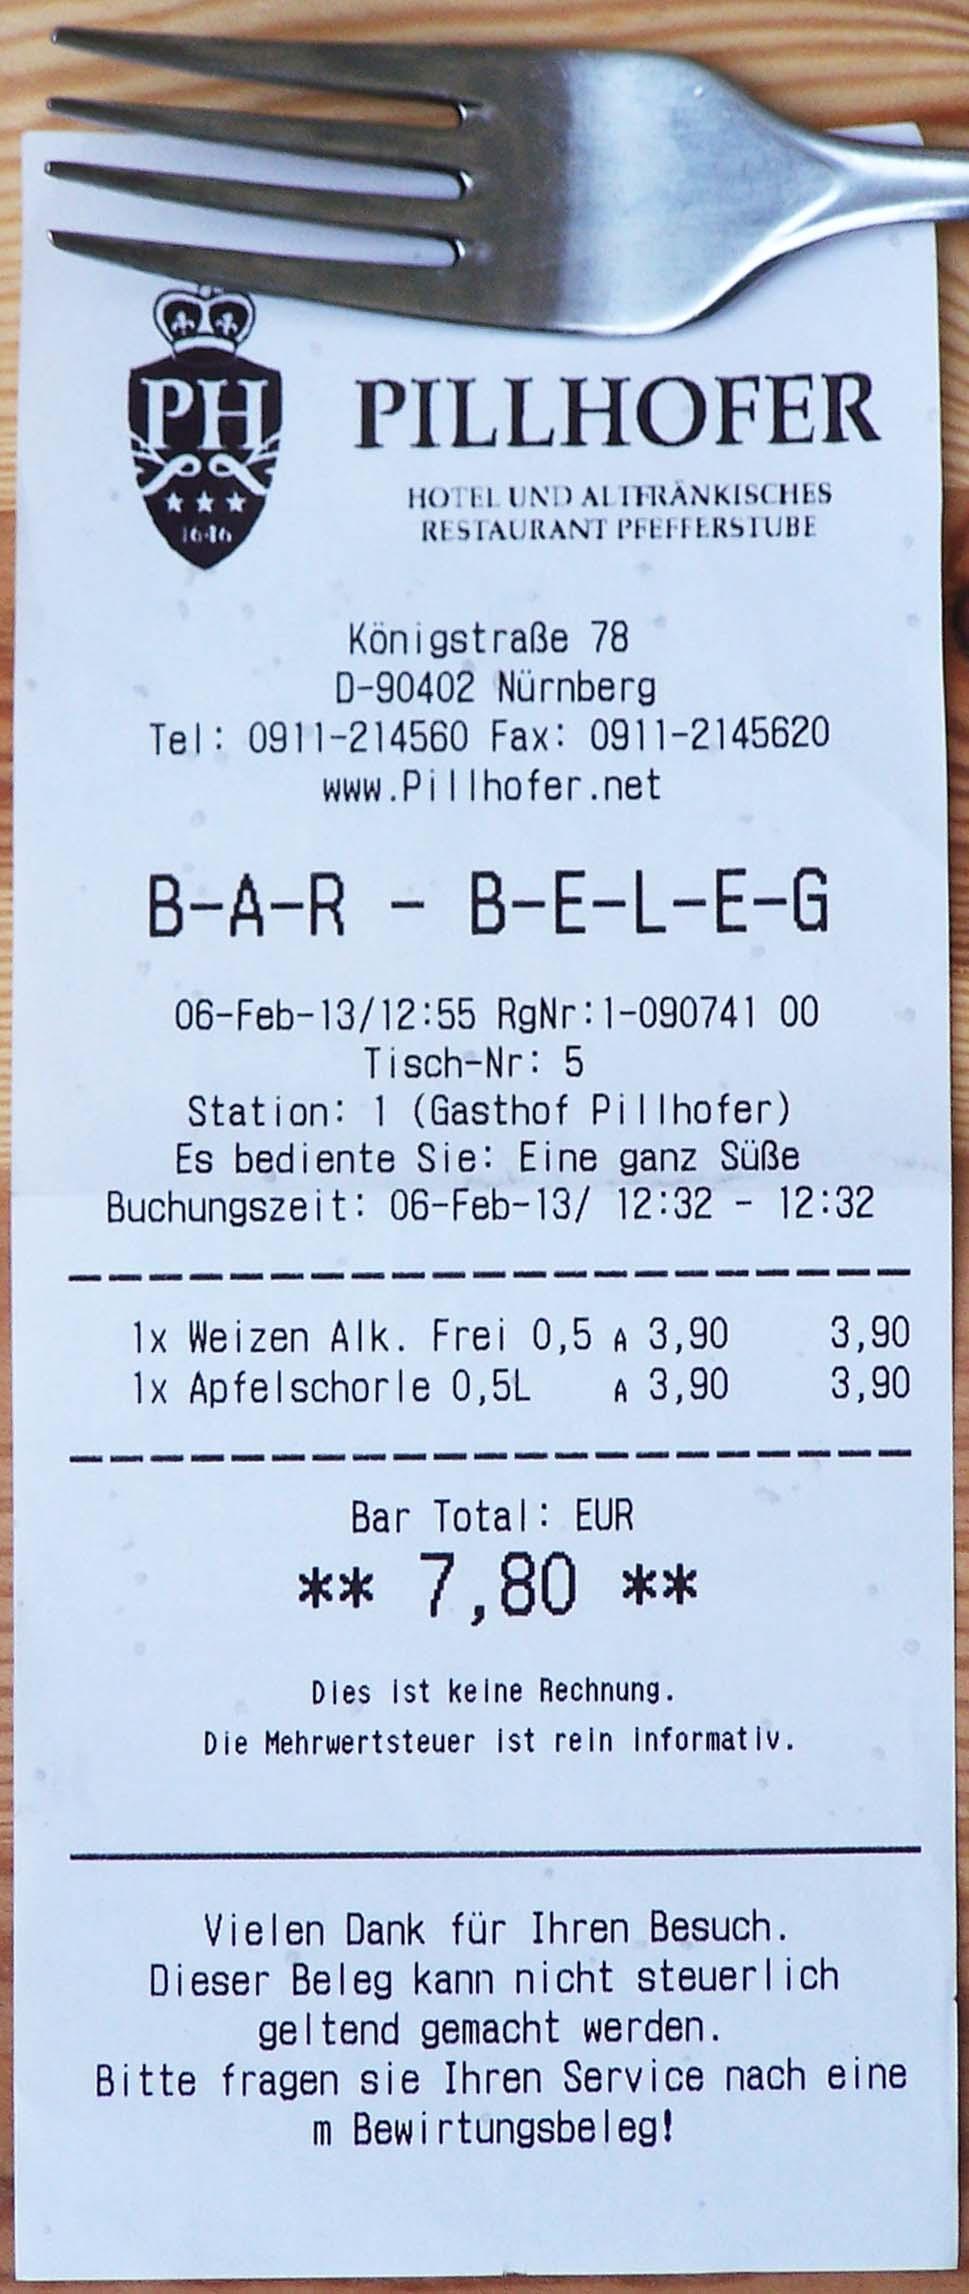 Bar-Beleg Gasthof Pillhofer, Nürnberg